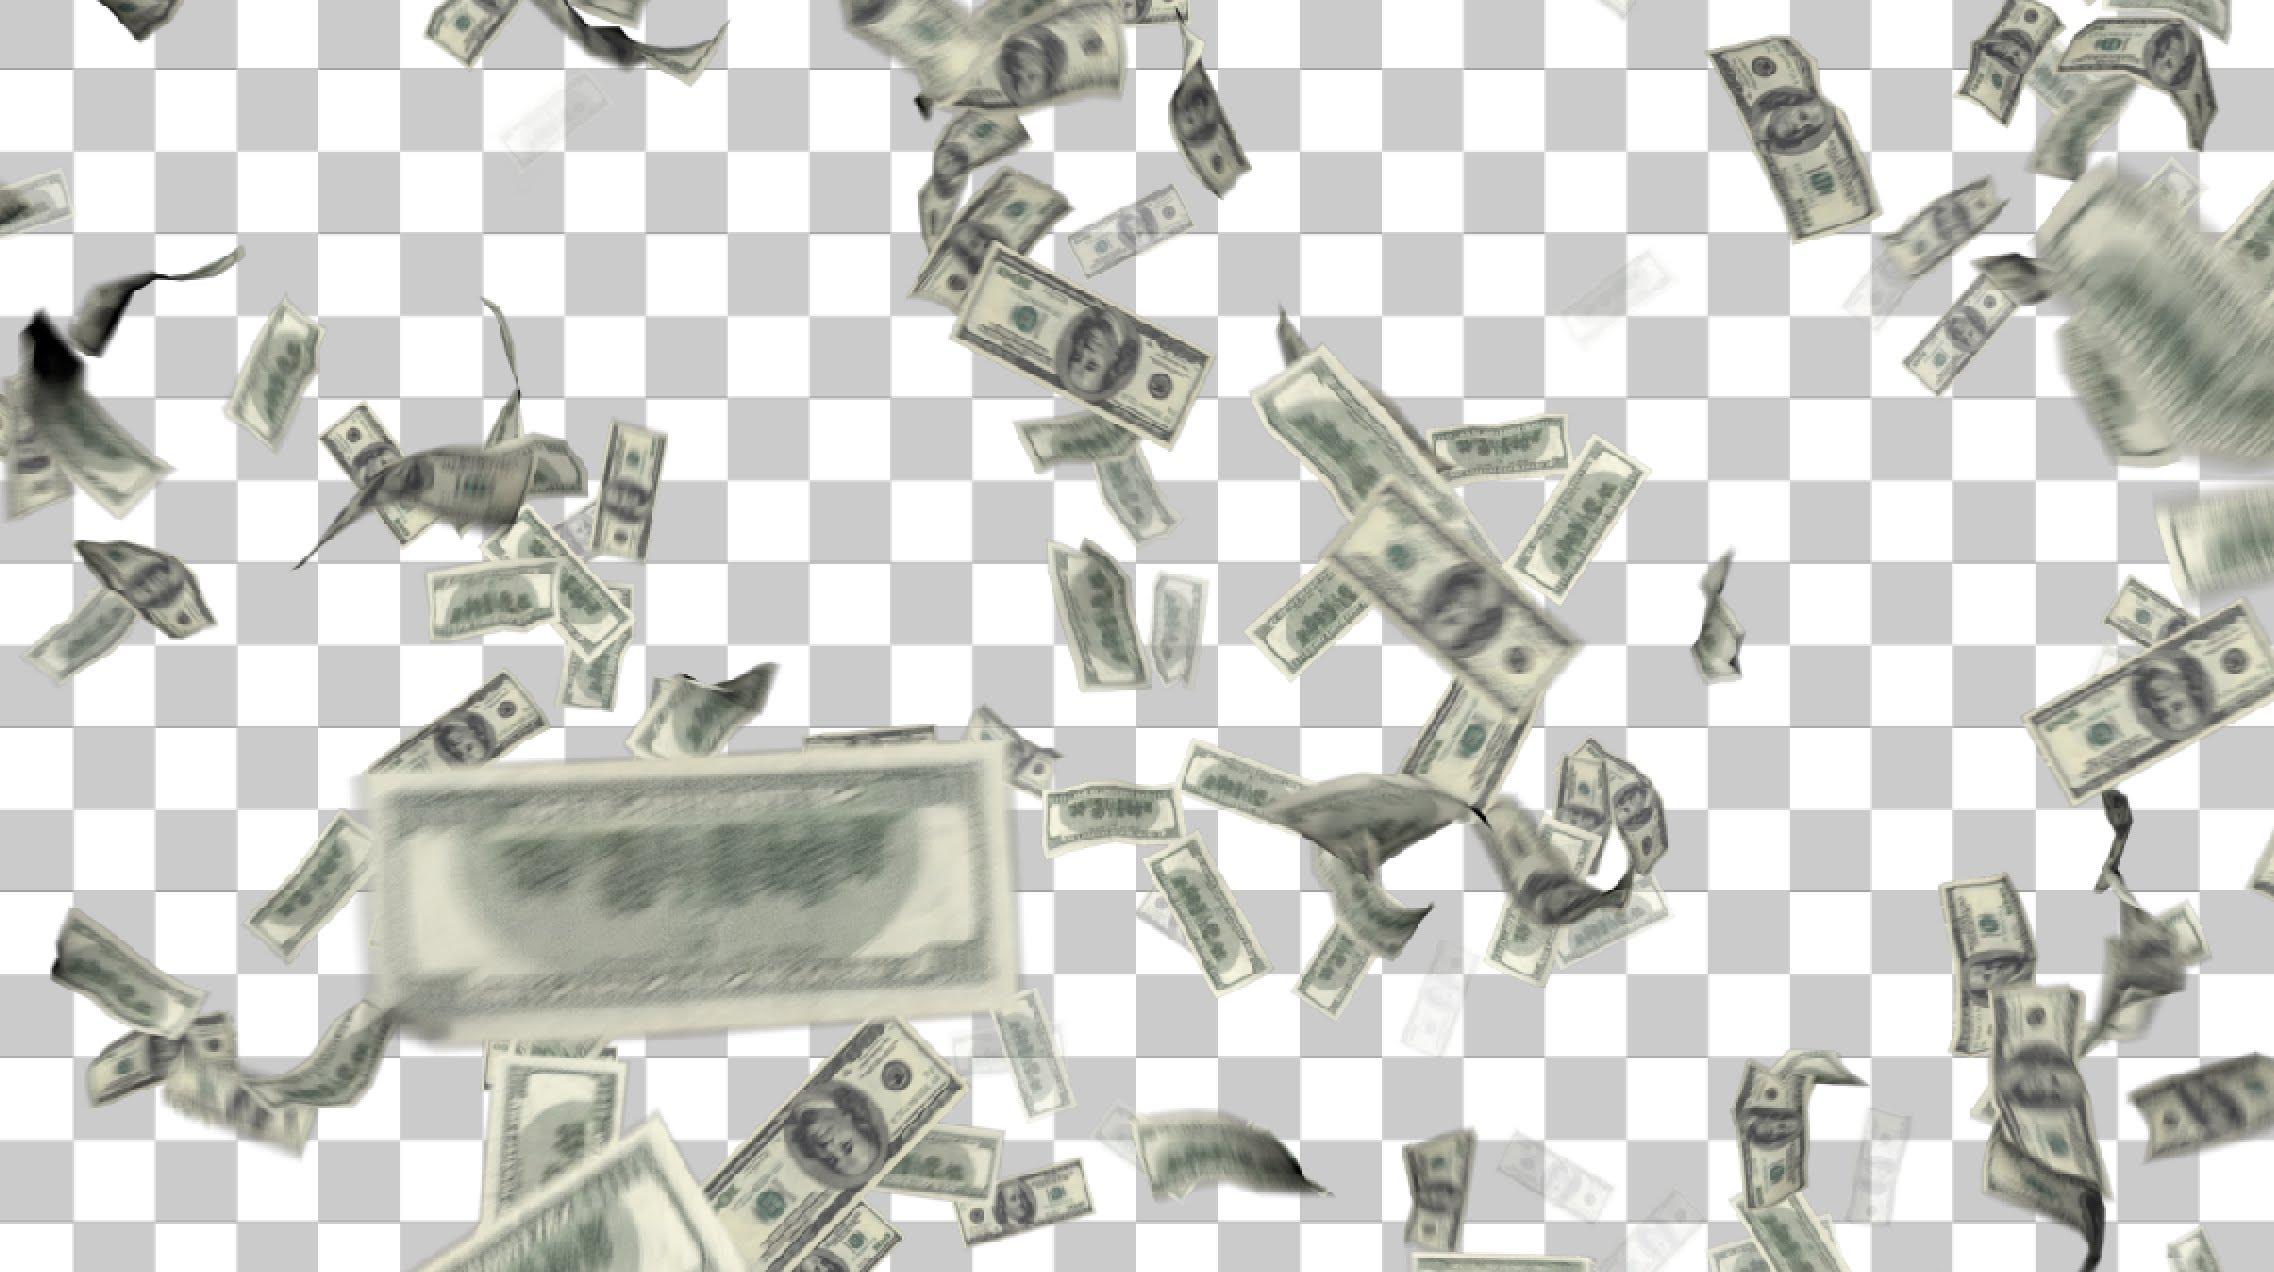 один эффект на фото падающие деньги большой нем есть